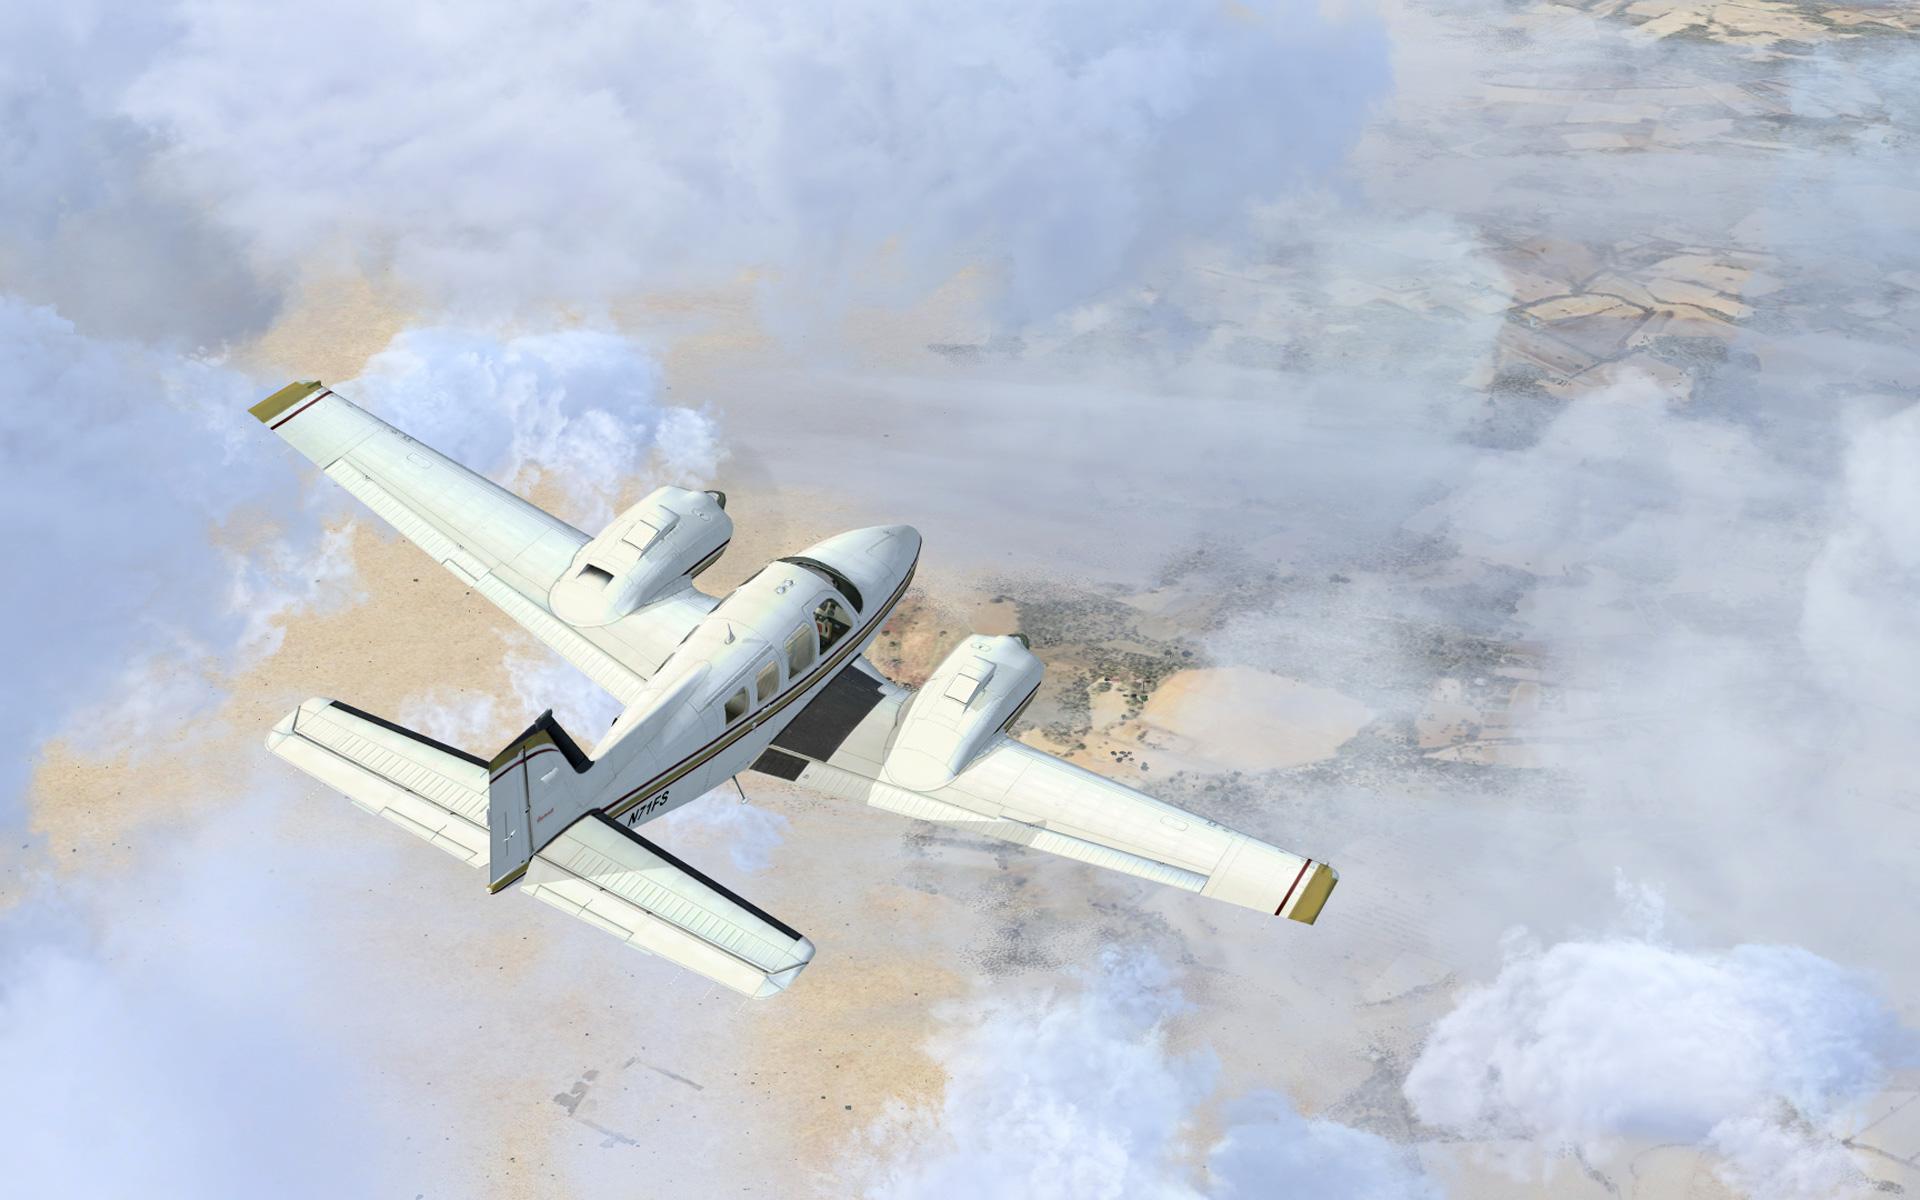 flight simulator x safari wallpaper PC Game Wallpapers 2014 Game 1920x1200